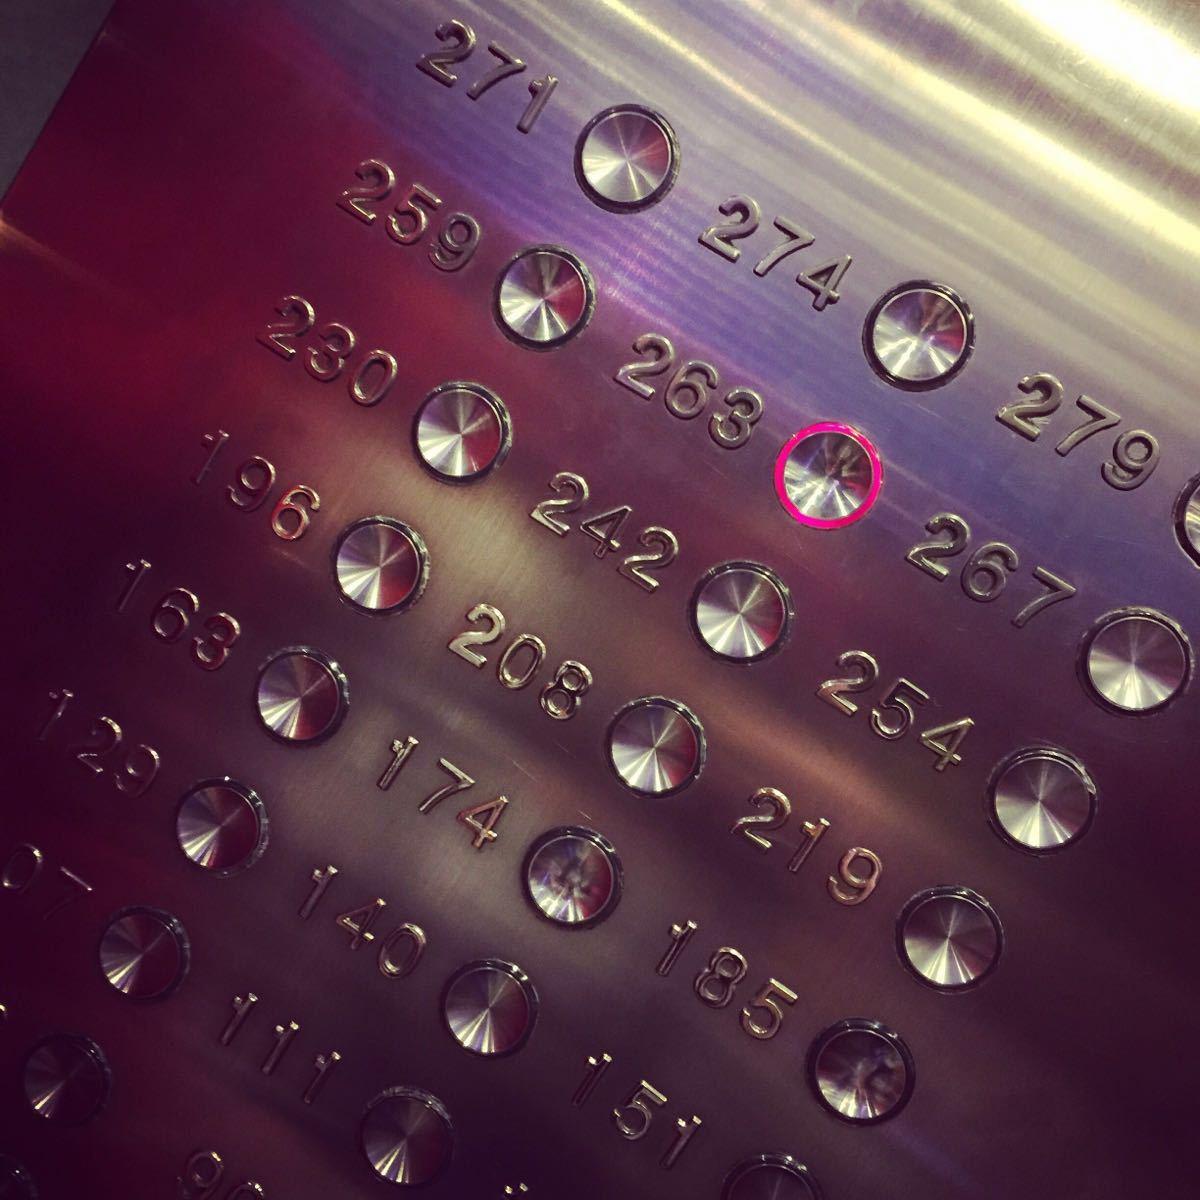 """东方明珠矗立于上海浦东陆家嘴,与外滩隔江相望,是上海的标志性建筑。乘坐全透明观光电梯登上351米高的观光层,可将浦江两岸风光一览无余。若在267米高的空中旋转餐厅一边品尝美食一边欣赏申城夜景,更是超凡的体验。 东方明珠塔高468米,由11个大小不一的球体串联一体,此设计来源于""""大珠小珠落玉盘""""的美妙意境。登上三个主球体,可站在不同的高度品赏浦江两岸的城市风光,尤其站在259米高度的全透明观光廊上,以""""空中漫步""""的独特方式欣赏申城全景。而夜晚登临观光层感受&l"""